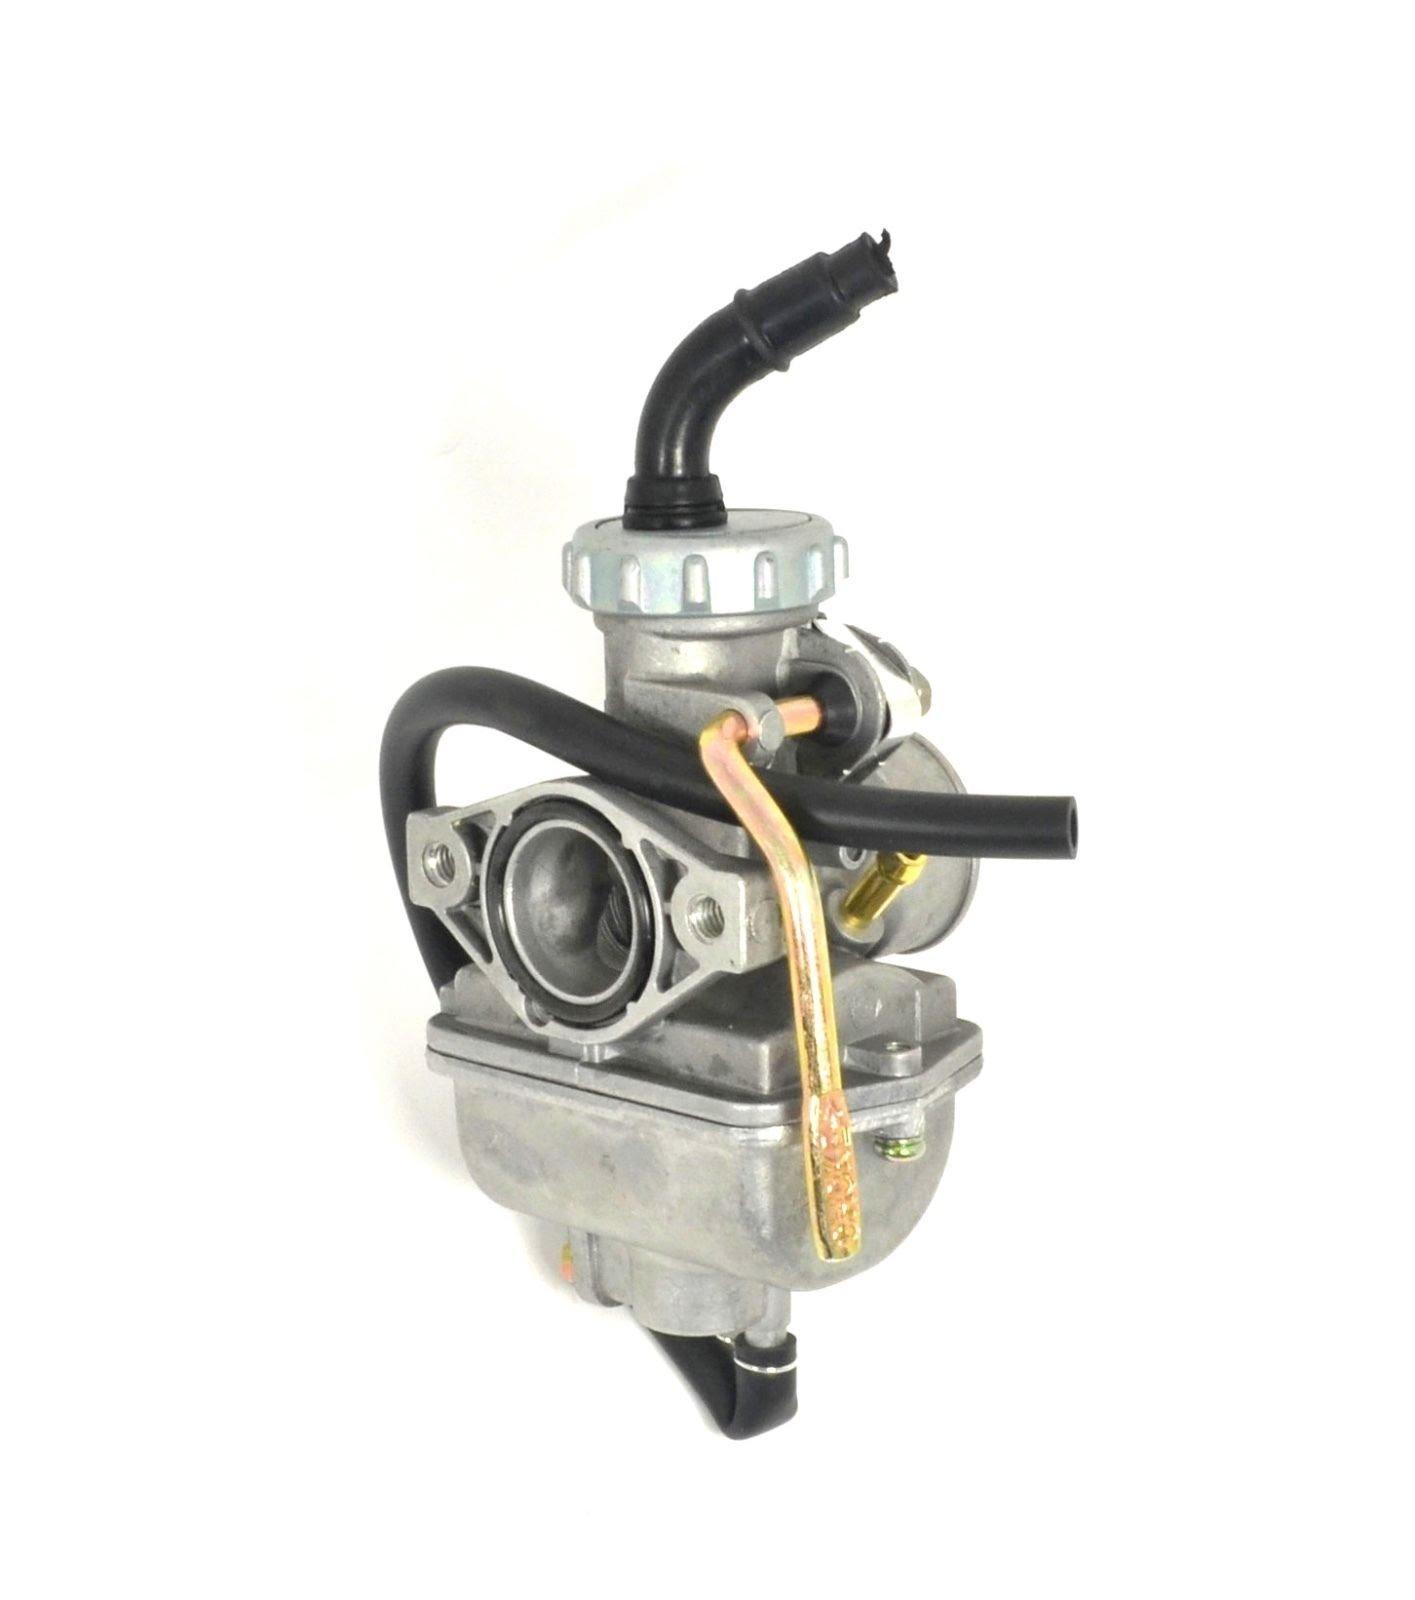 Carburetor PZ20 50 70 90 110 125cc ATV Quad Go kart UTV SUNL TAOTAO JCL Chopper